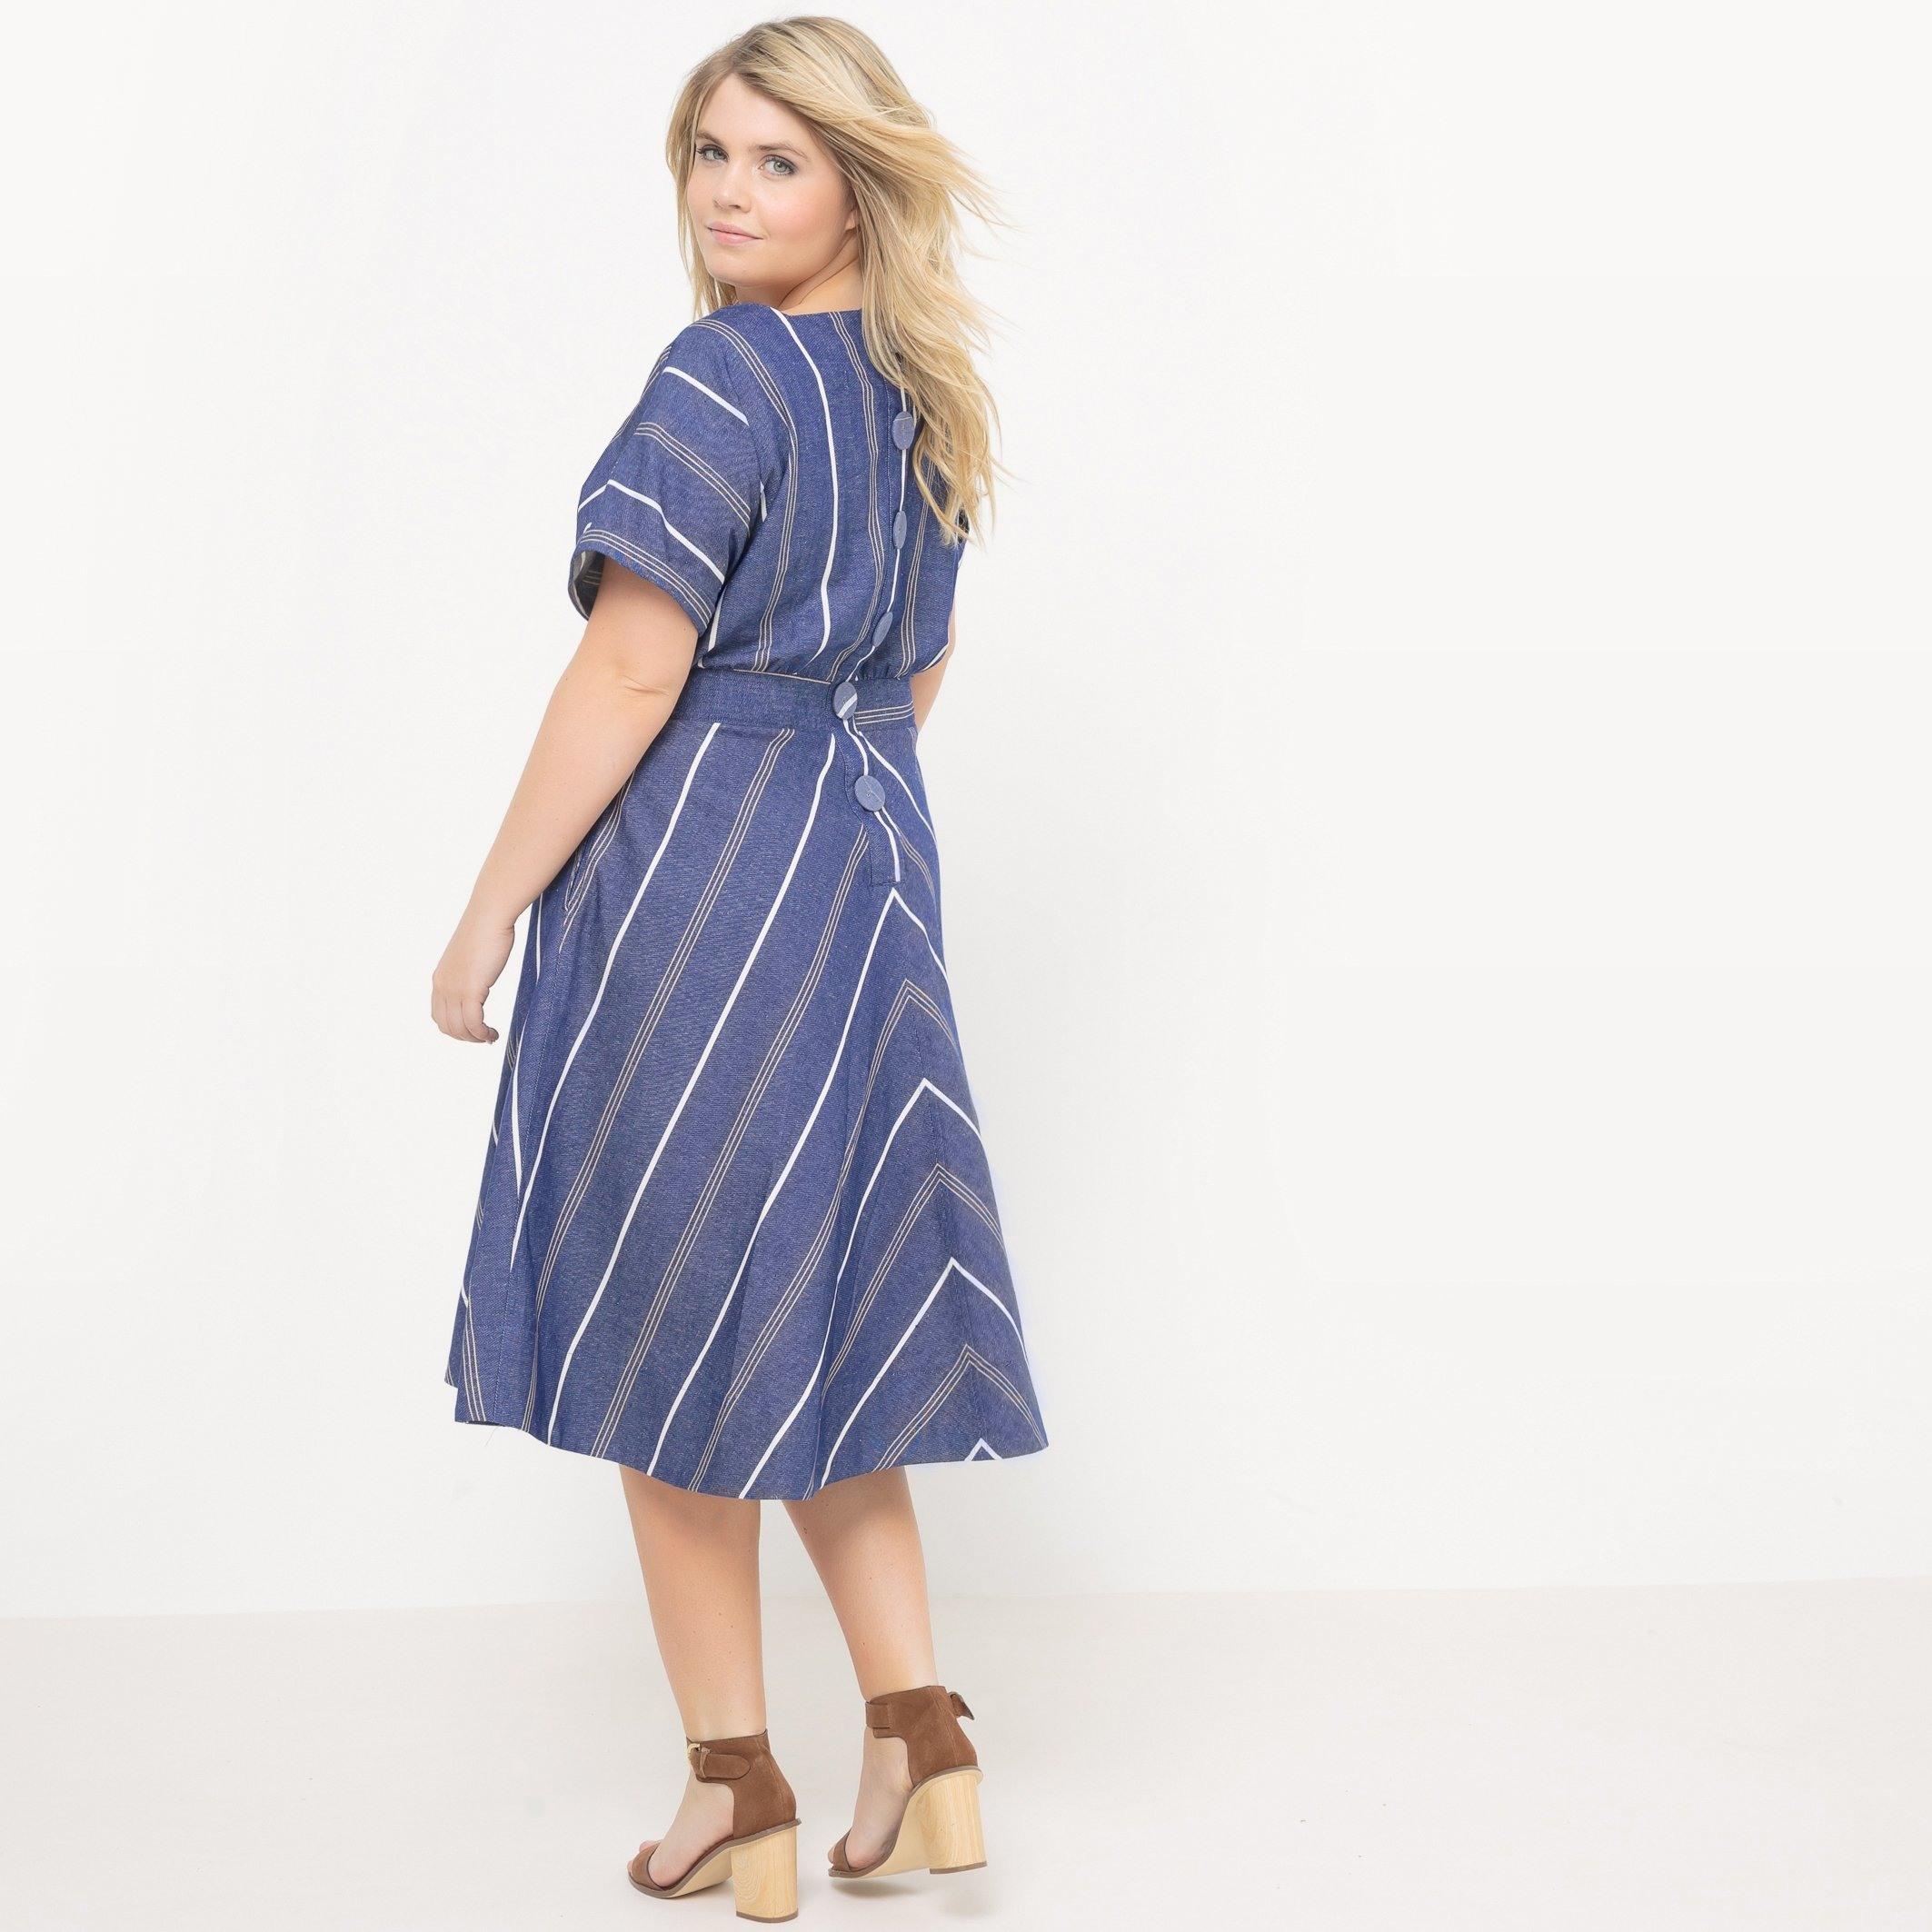 17 Schön Damen Kleider Wadenlang Ärmel15 Luxus Damen Kleider Wadenlang Vertrieb